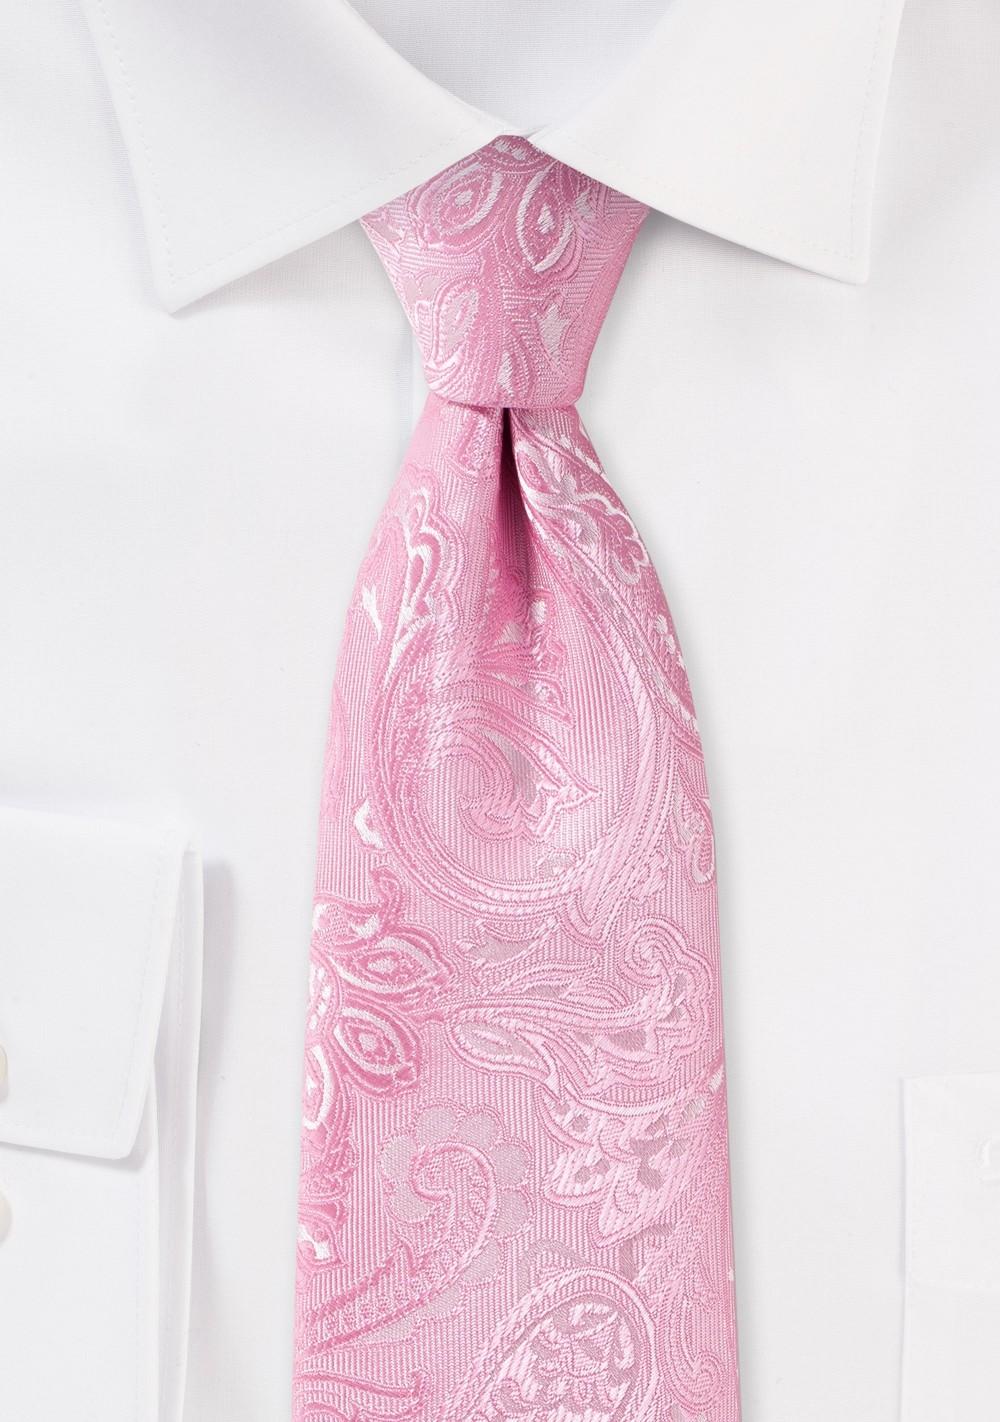 Carnation Pink Wedding Tie